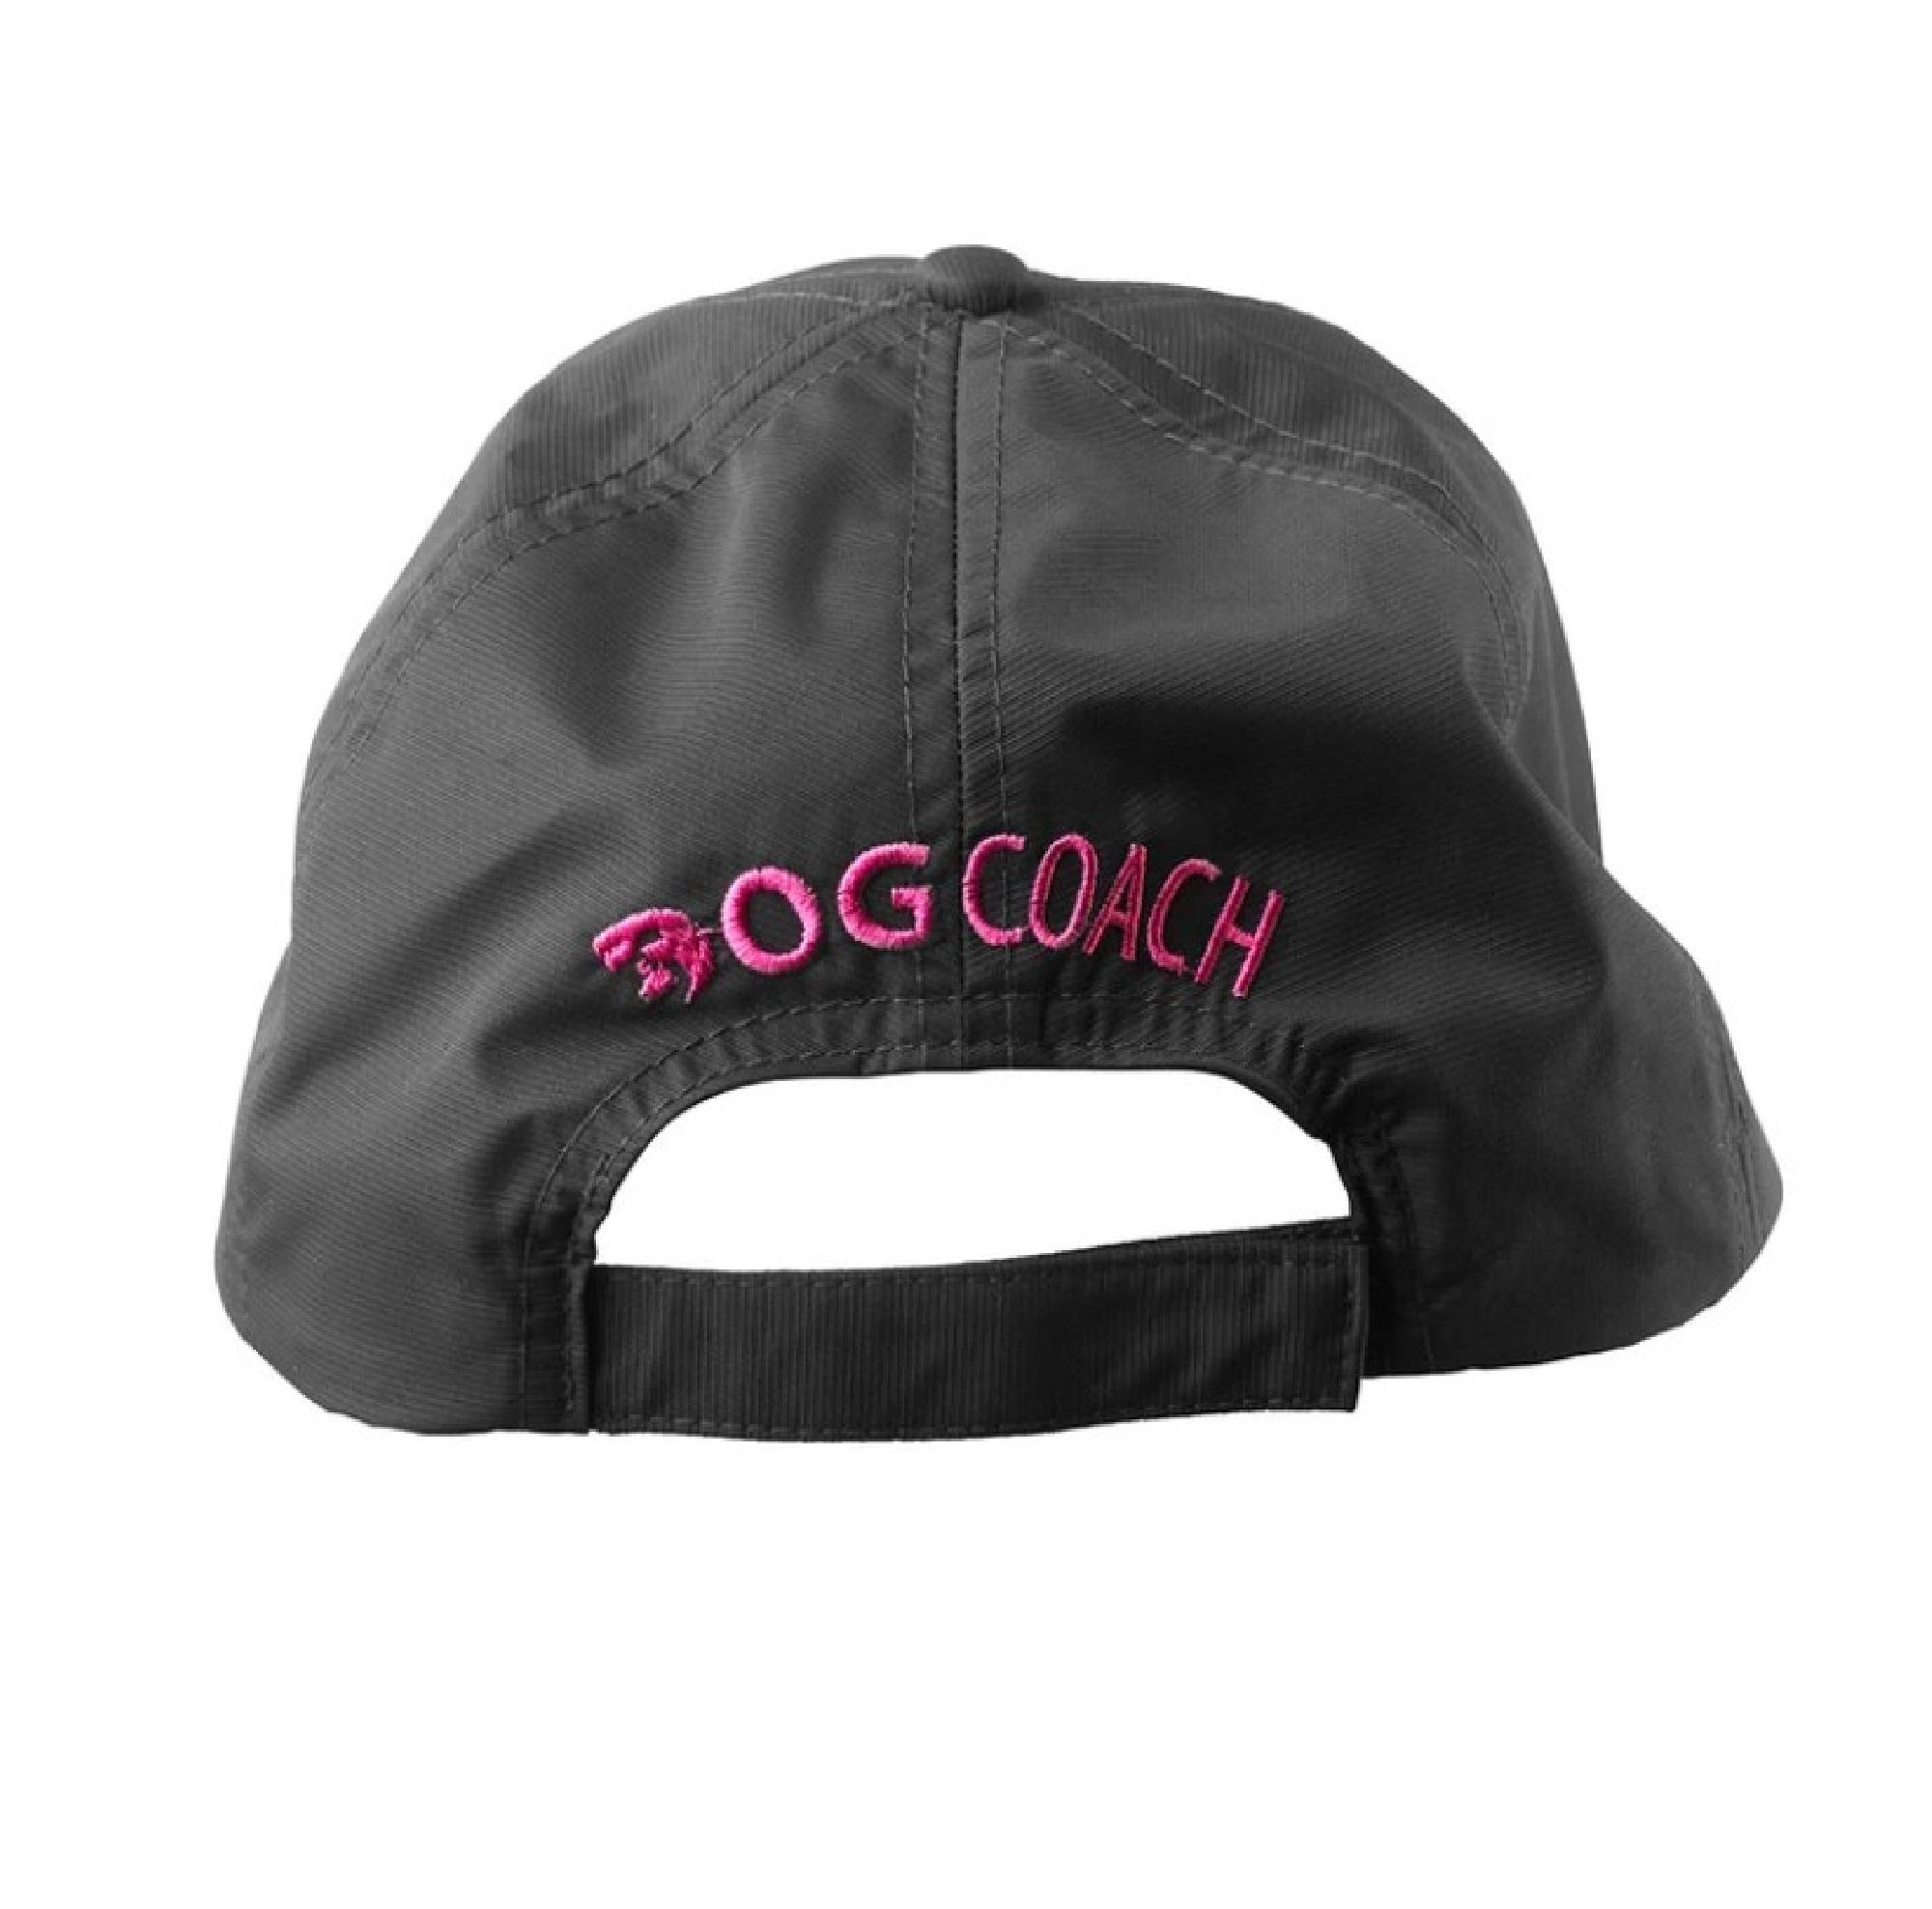 DogCoach Keps